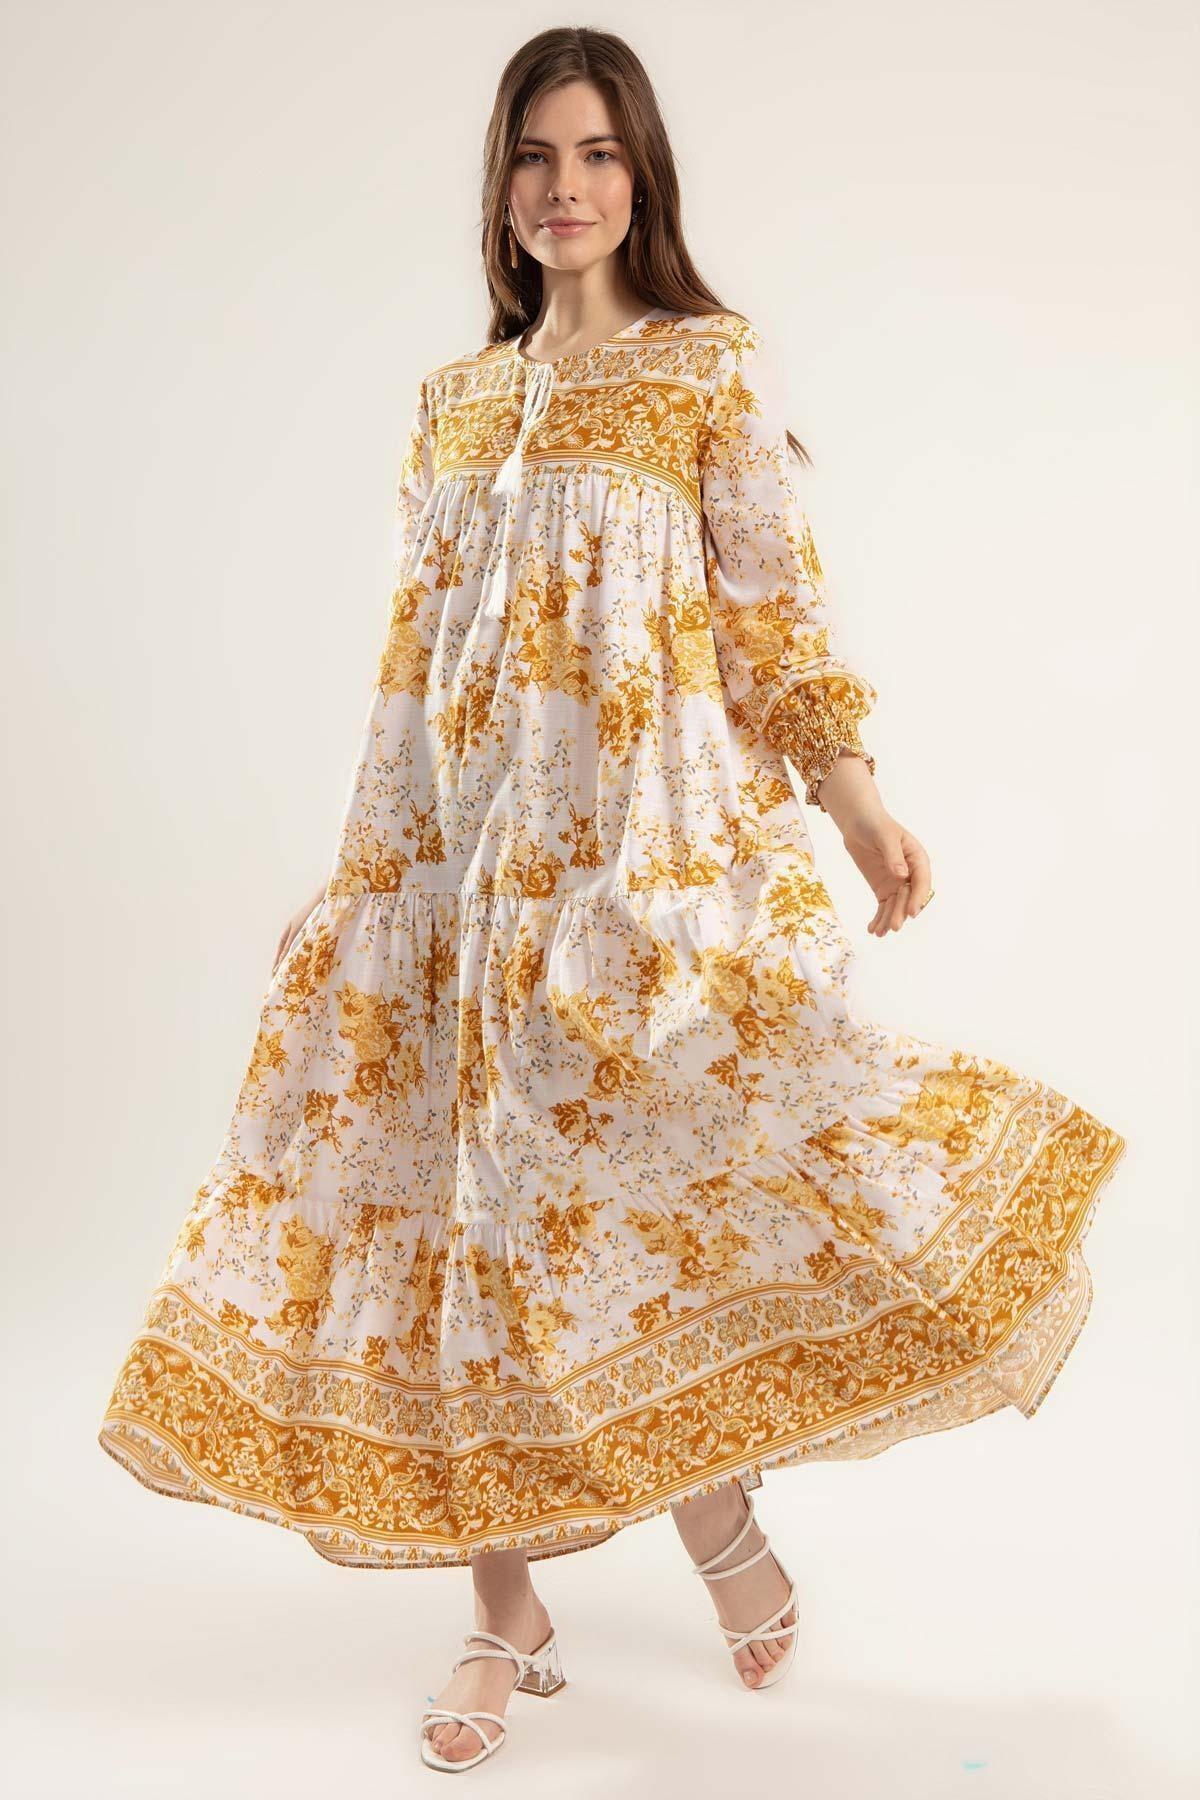 Pattaya Kadın Volanlı Çiçekli Uzun Elbise Y20s110-1947 1